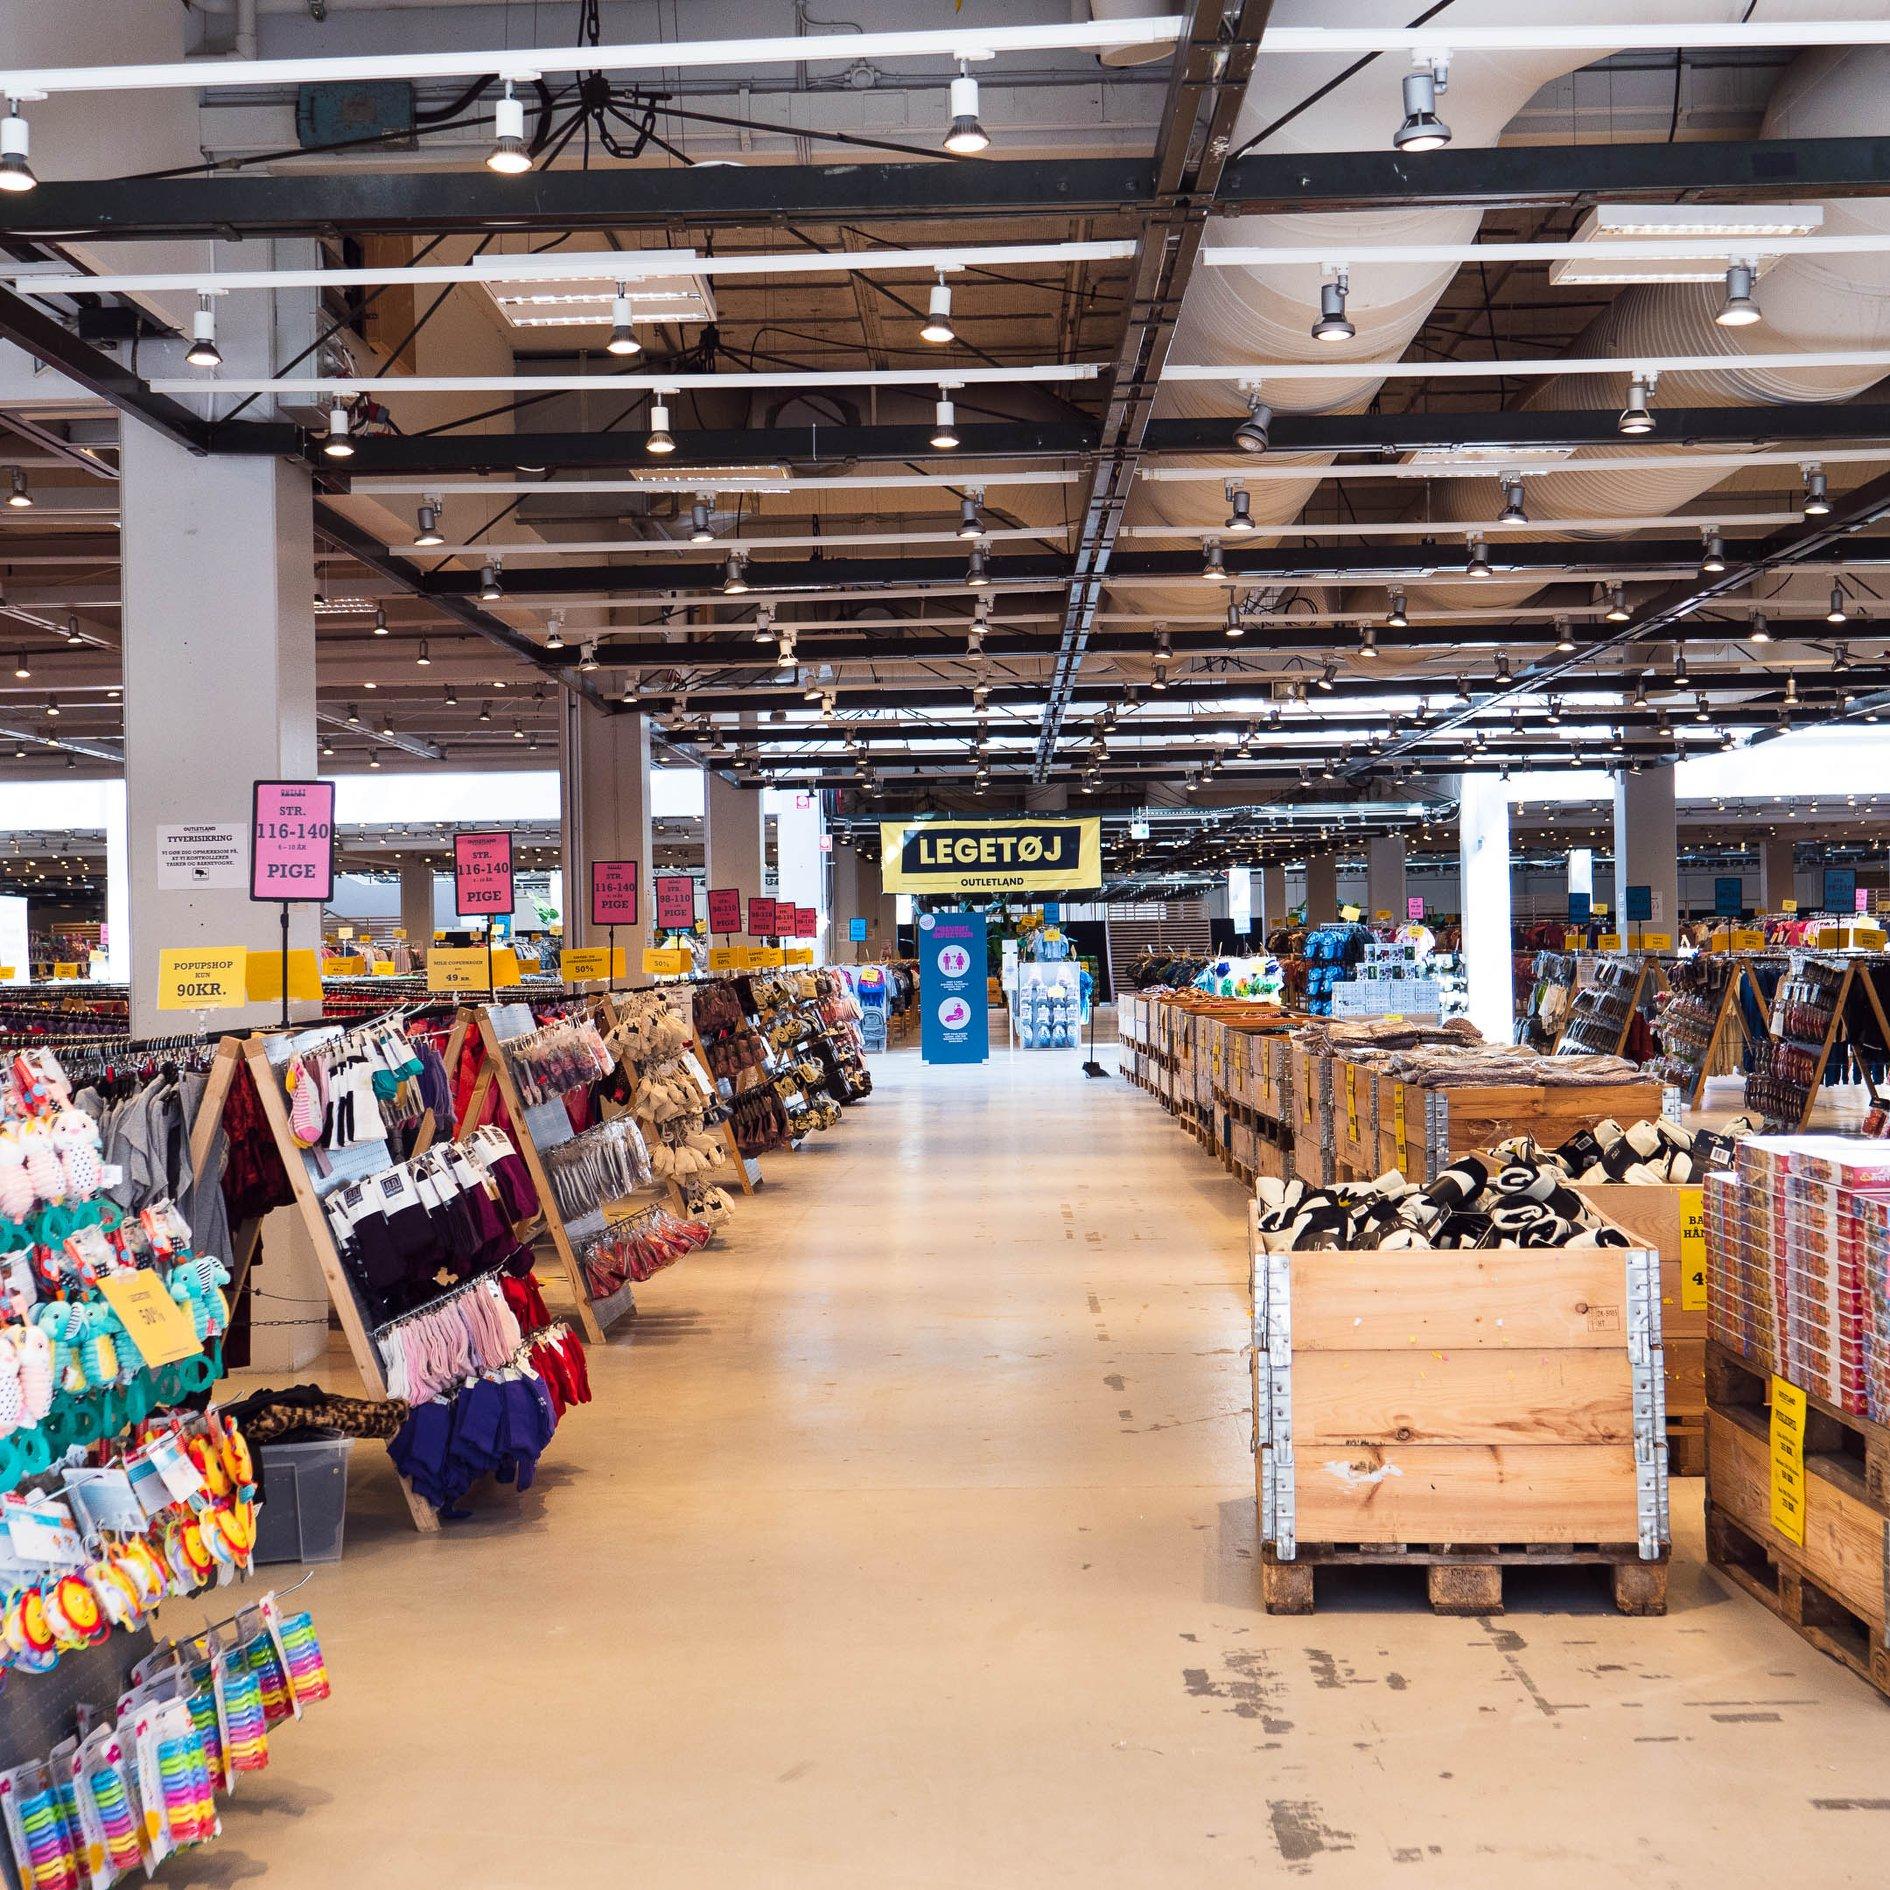 Danmarks største børnetøjsoutlet: I næste uge åbner Outletland kæmpe butik